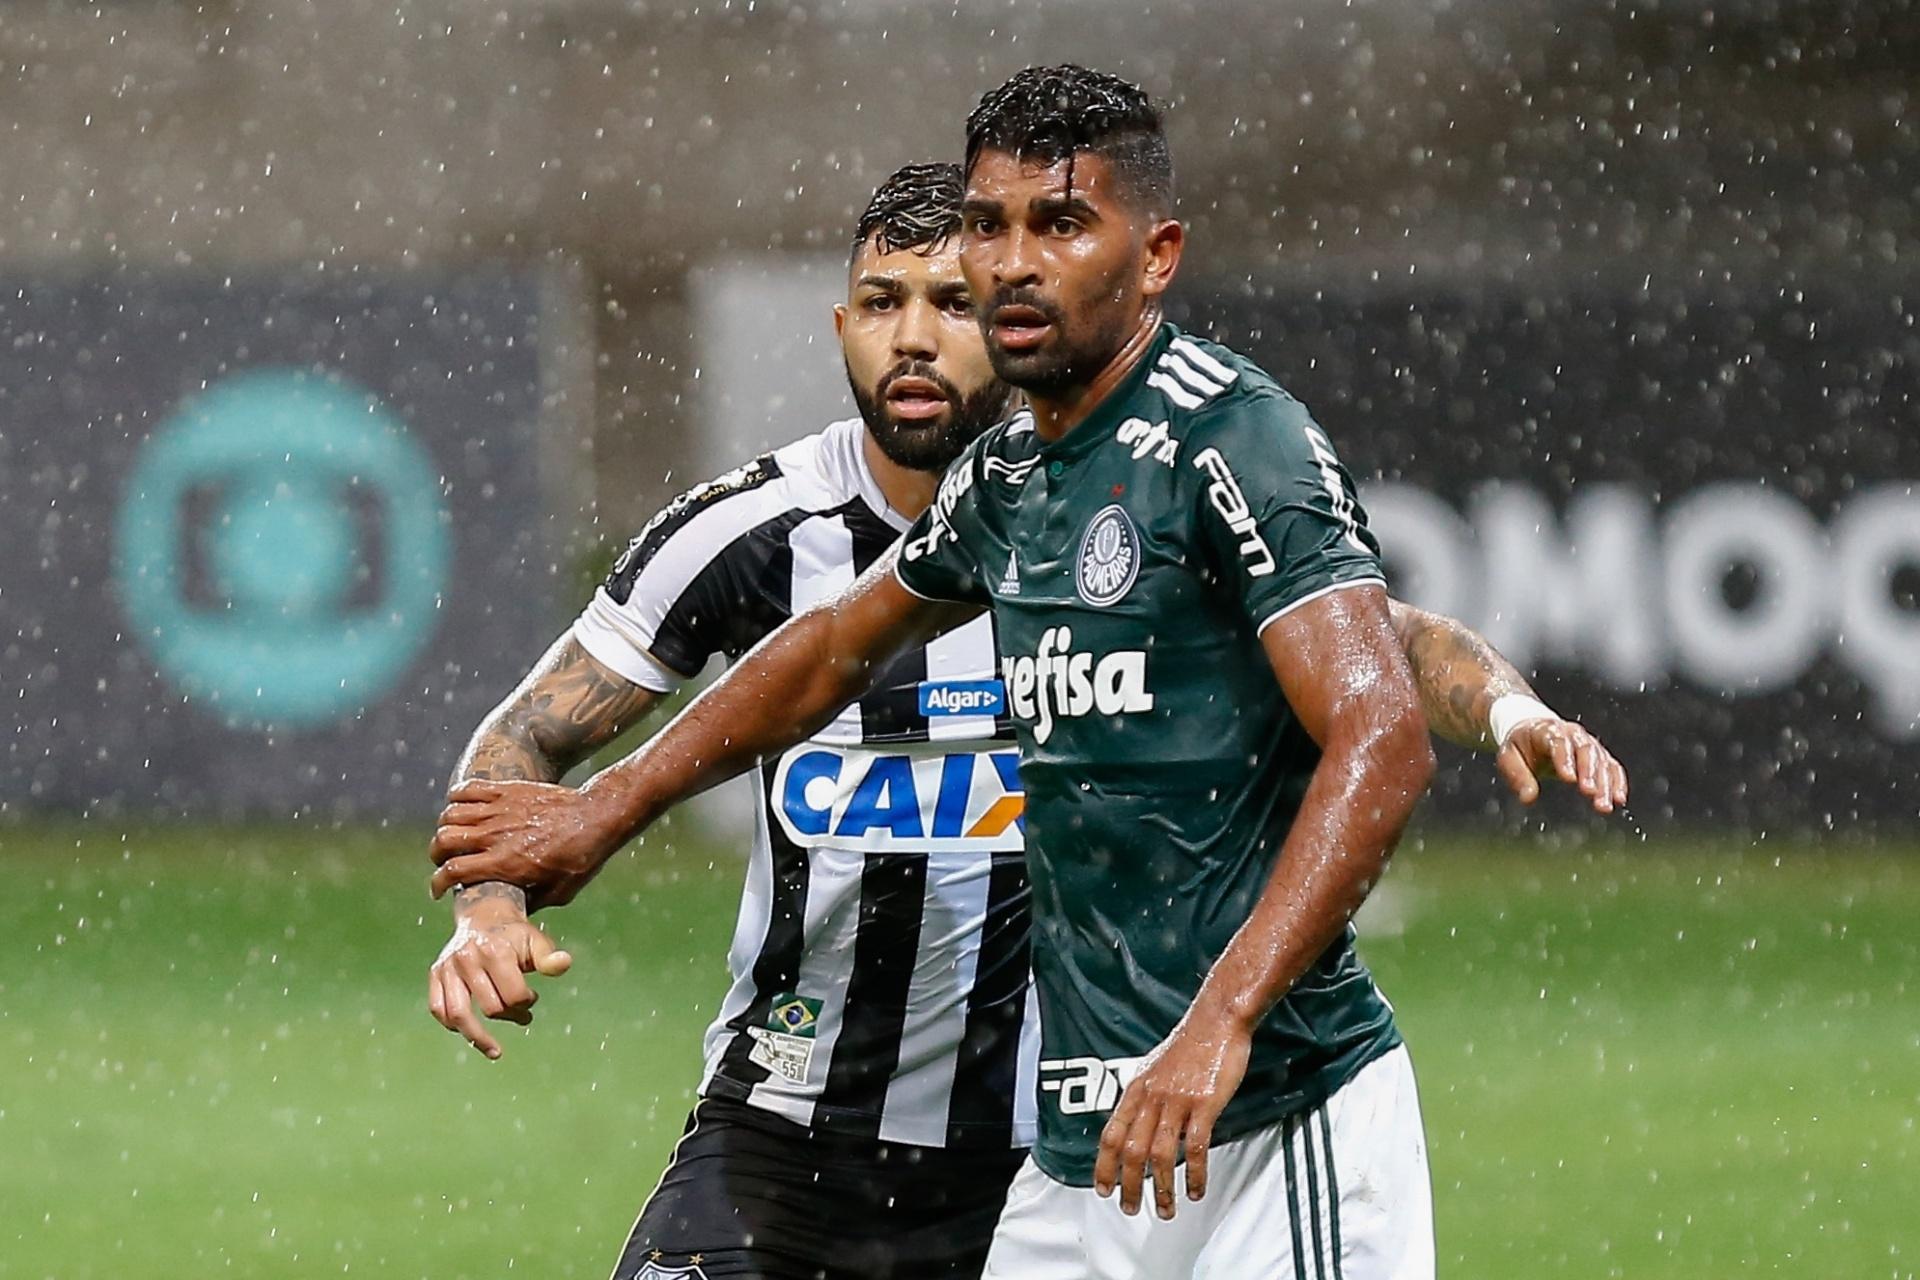 Sem pensar em recorde ou jogo fácil  Thiago Santos conta arma do Palmeiras  - 16 11 2018 - UOL Esporte eac5eef1ac98a